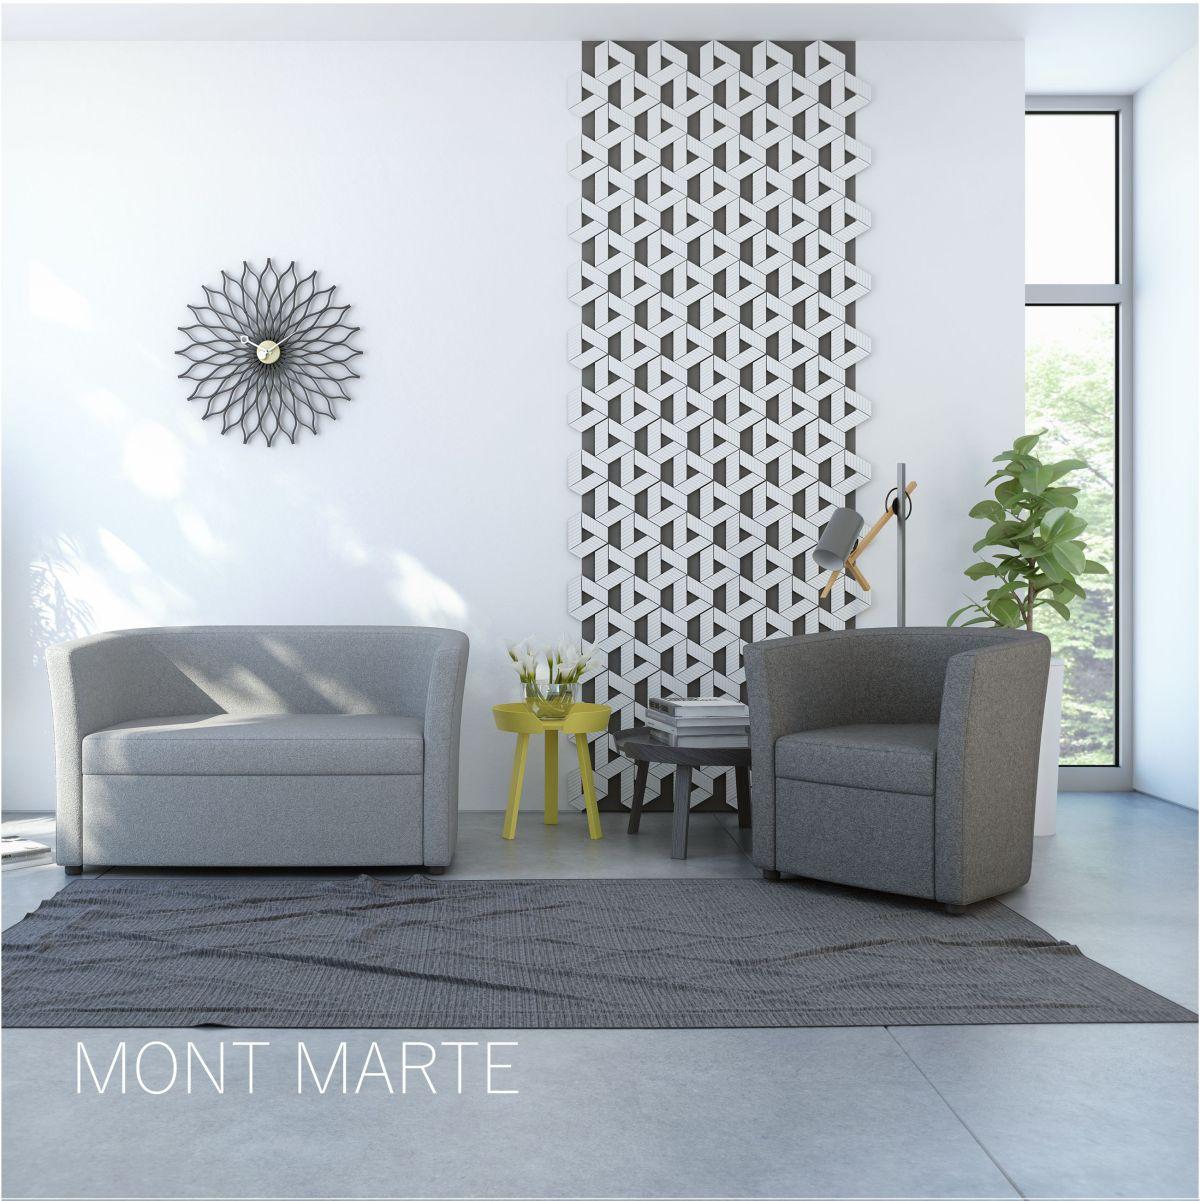 Nameštaj Mont Marte-za sedenje kao naoblacima